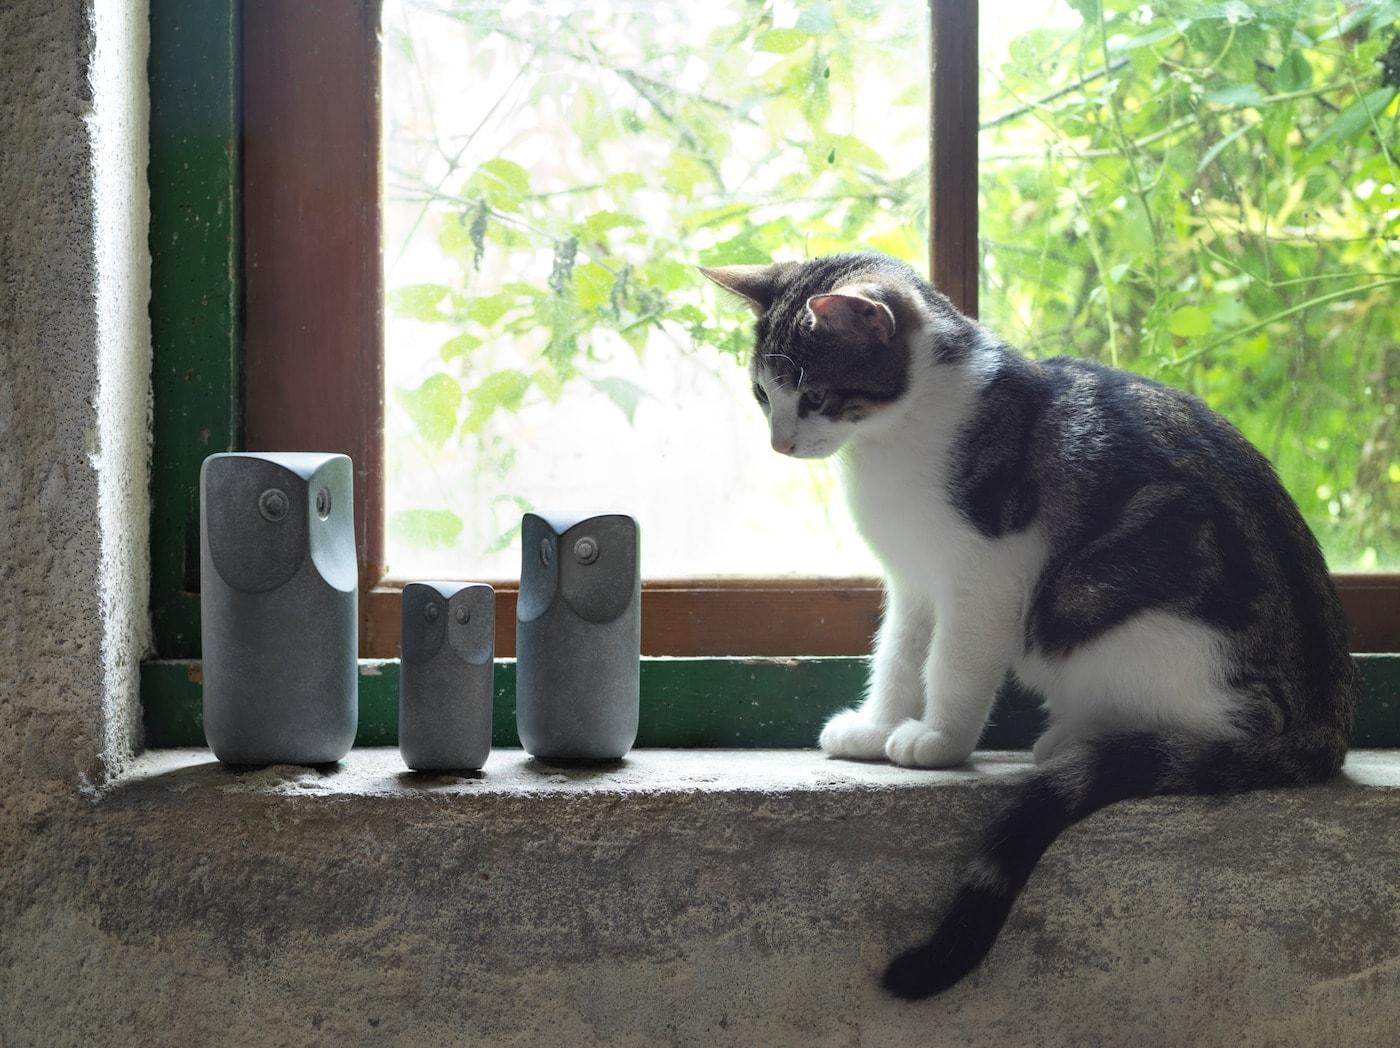 Malá černo-bílá kočka na parapetu, vedle ní jsou tři šedé dekorativní sovy TONAD z betonu.